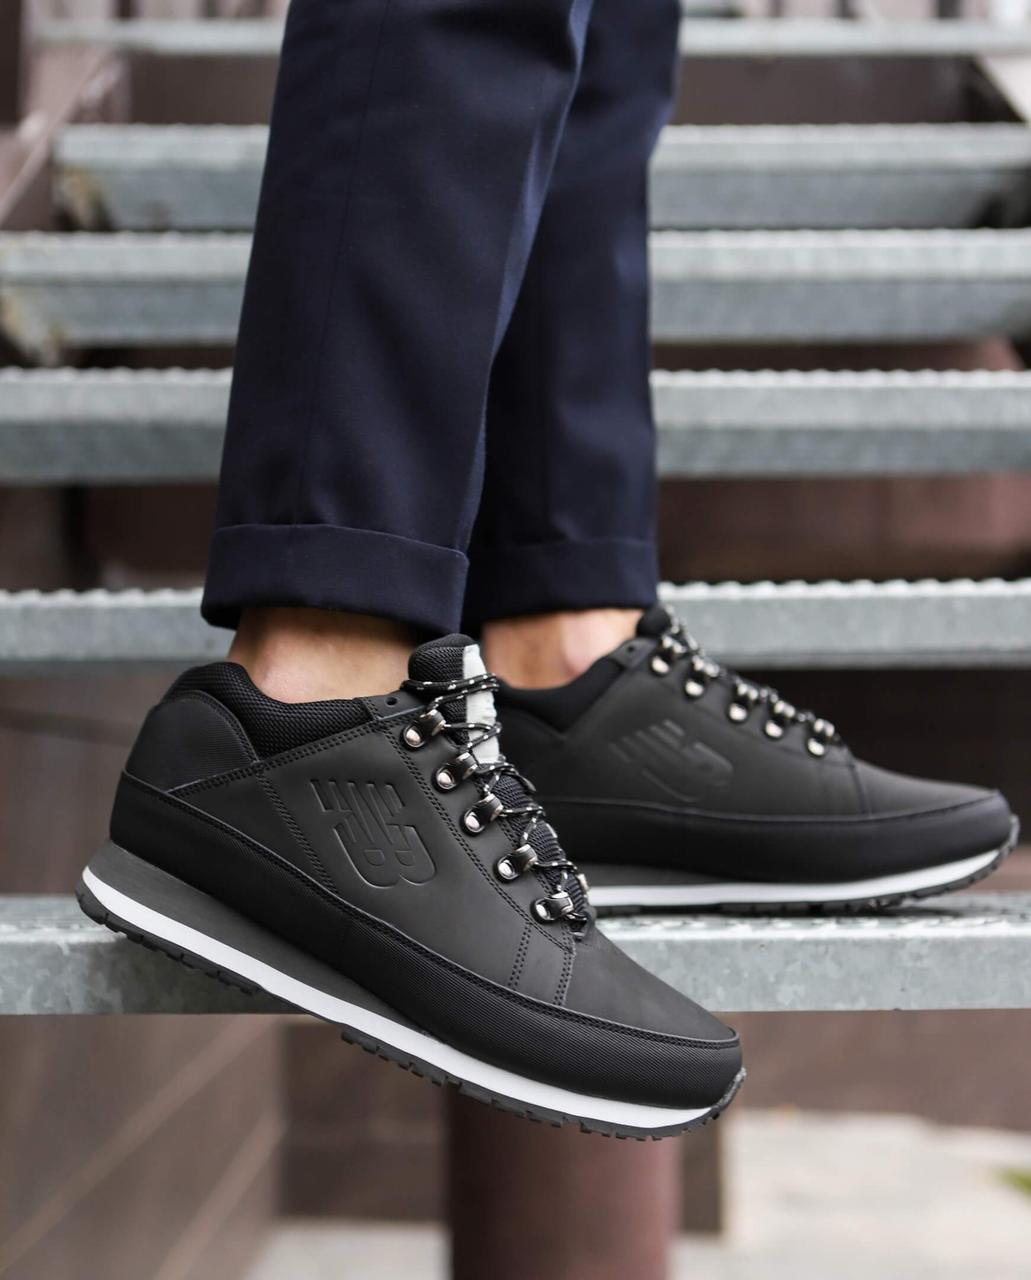 Мужские ботинки 754 высокие Pobedov (черные с белой подошвой)